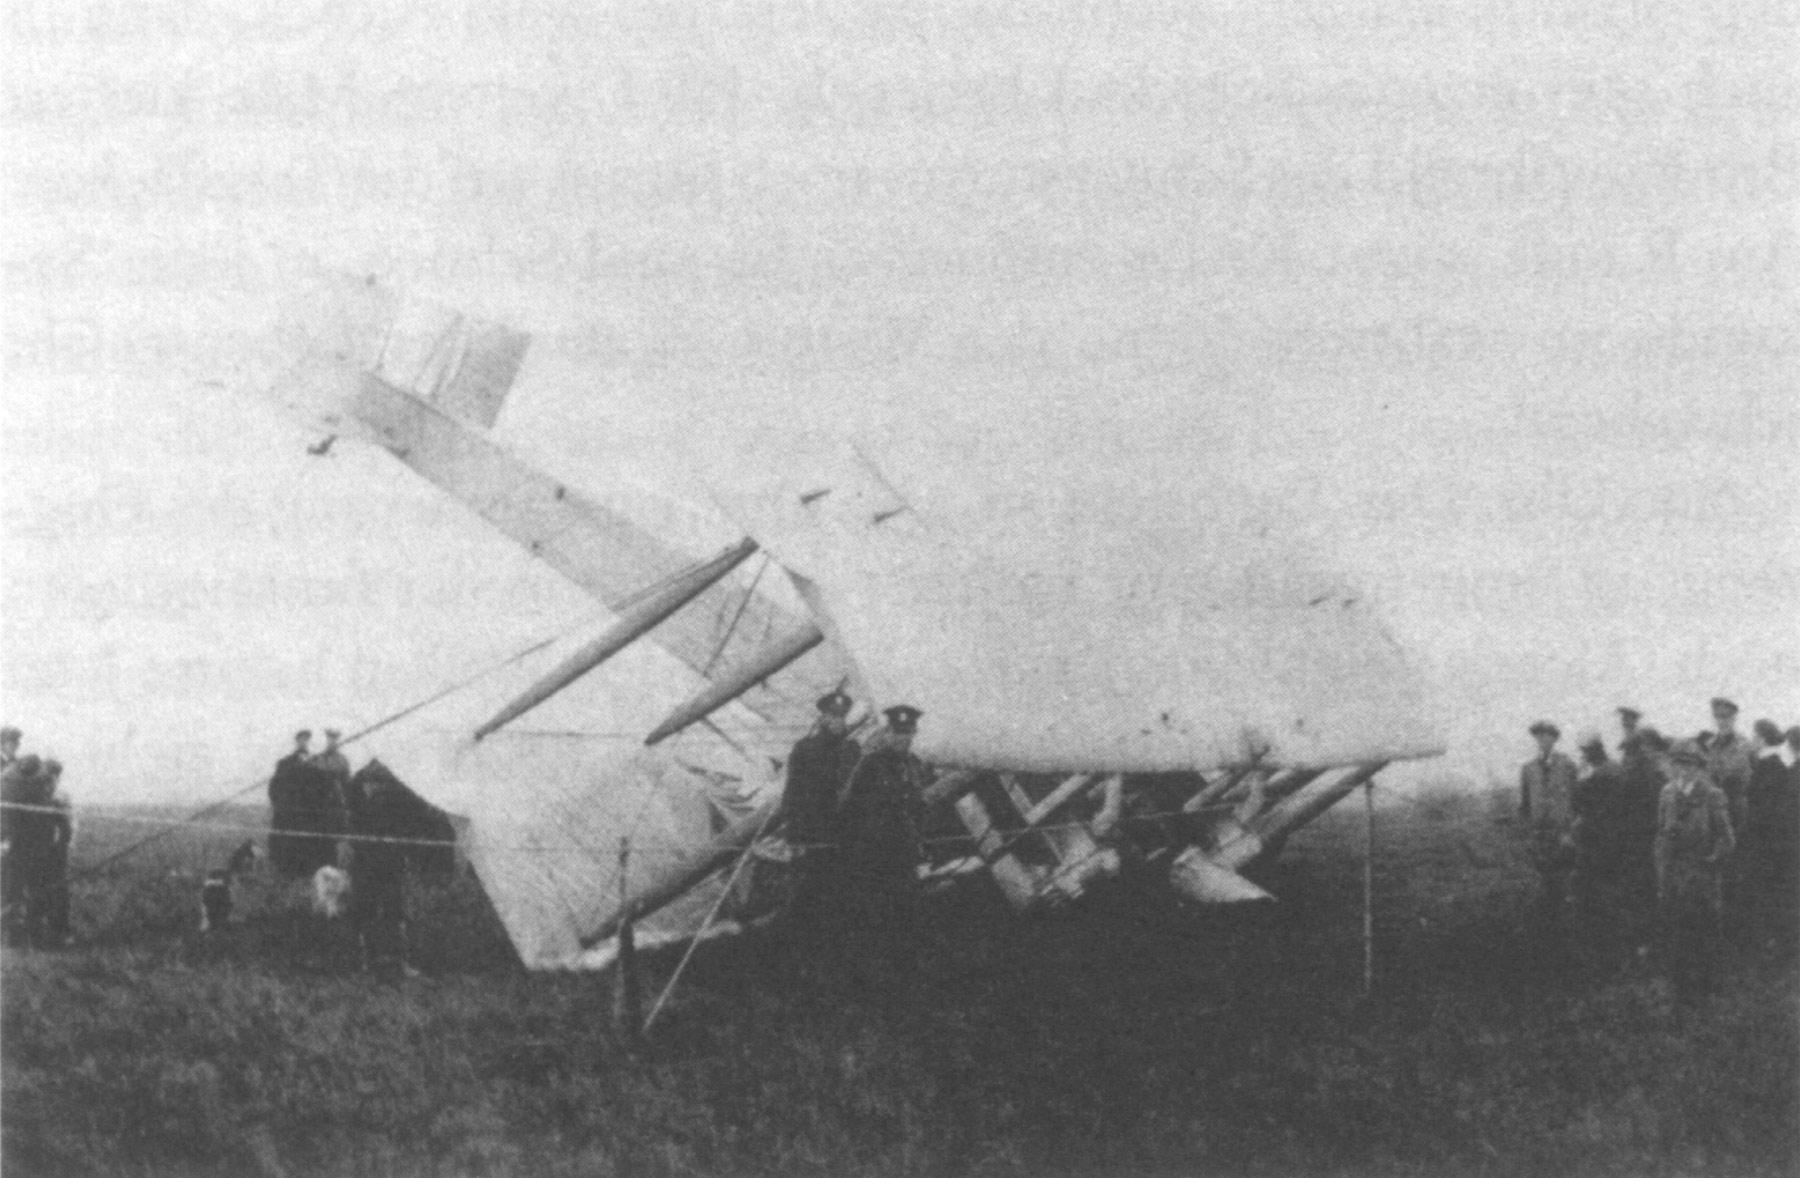 Alcock-Brown-crash-land in Clifden